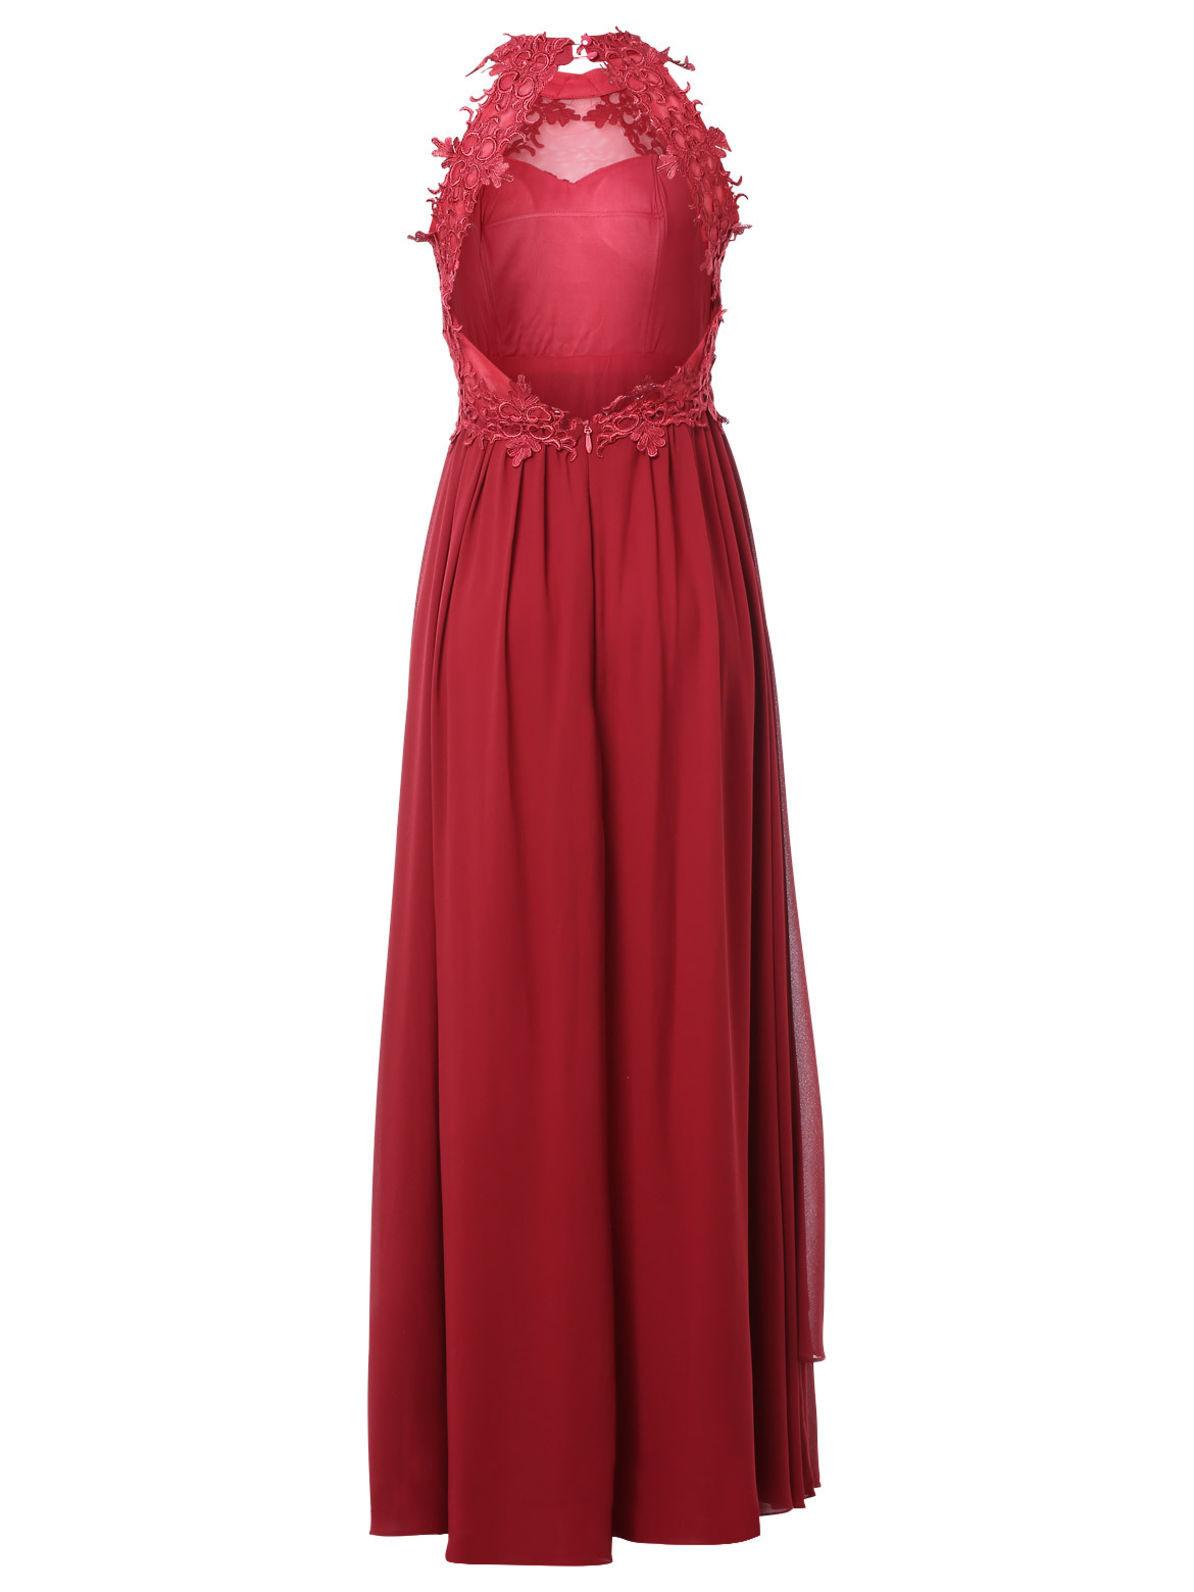 20 Top Apart Abend Kleid Galerie Einfach Apart Abend Kleid Stylish